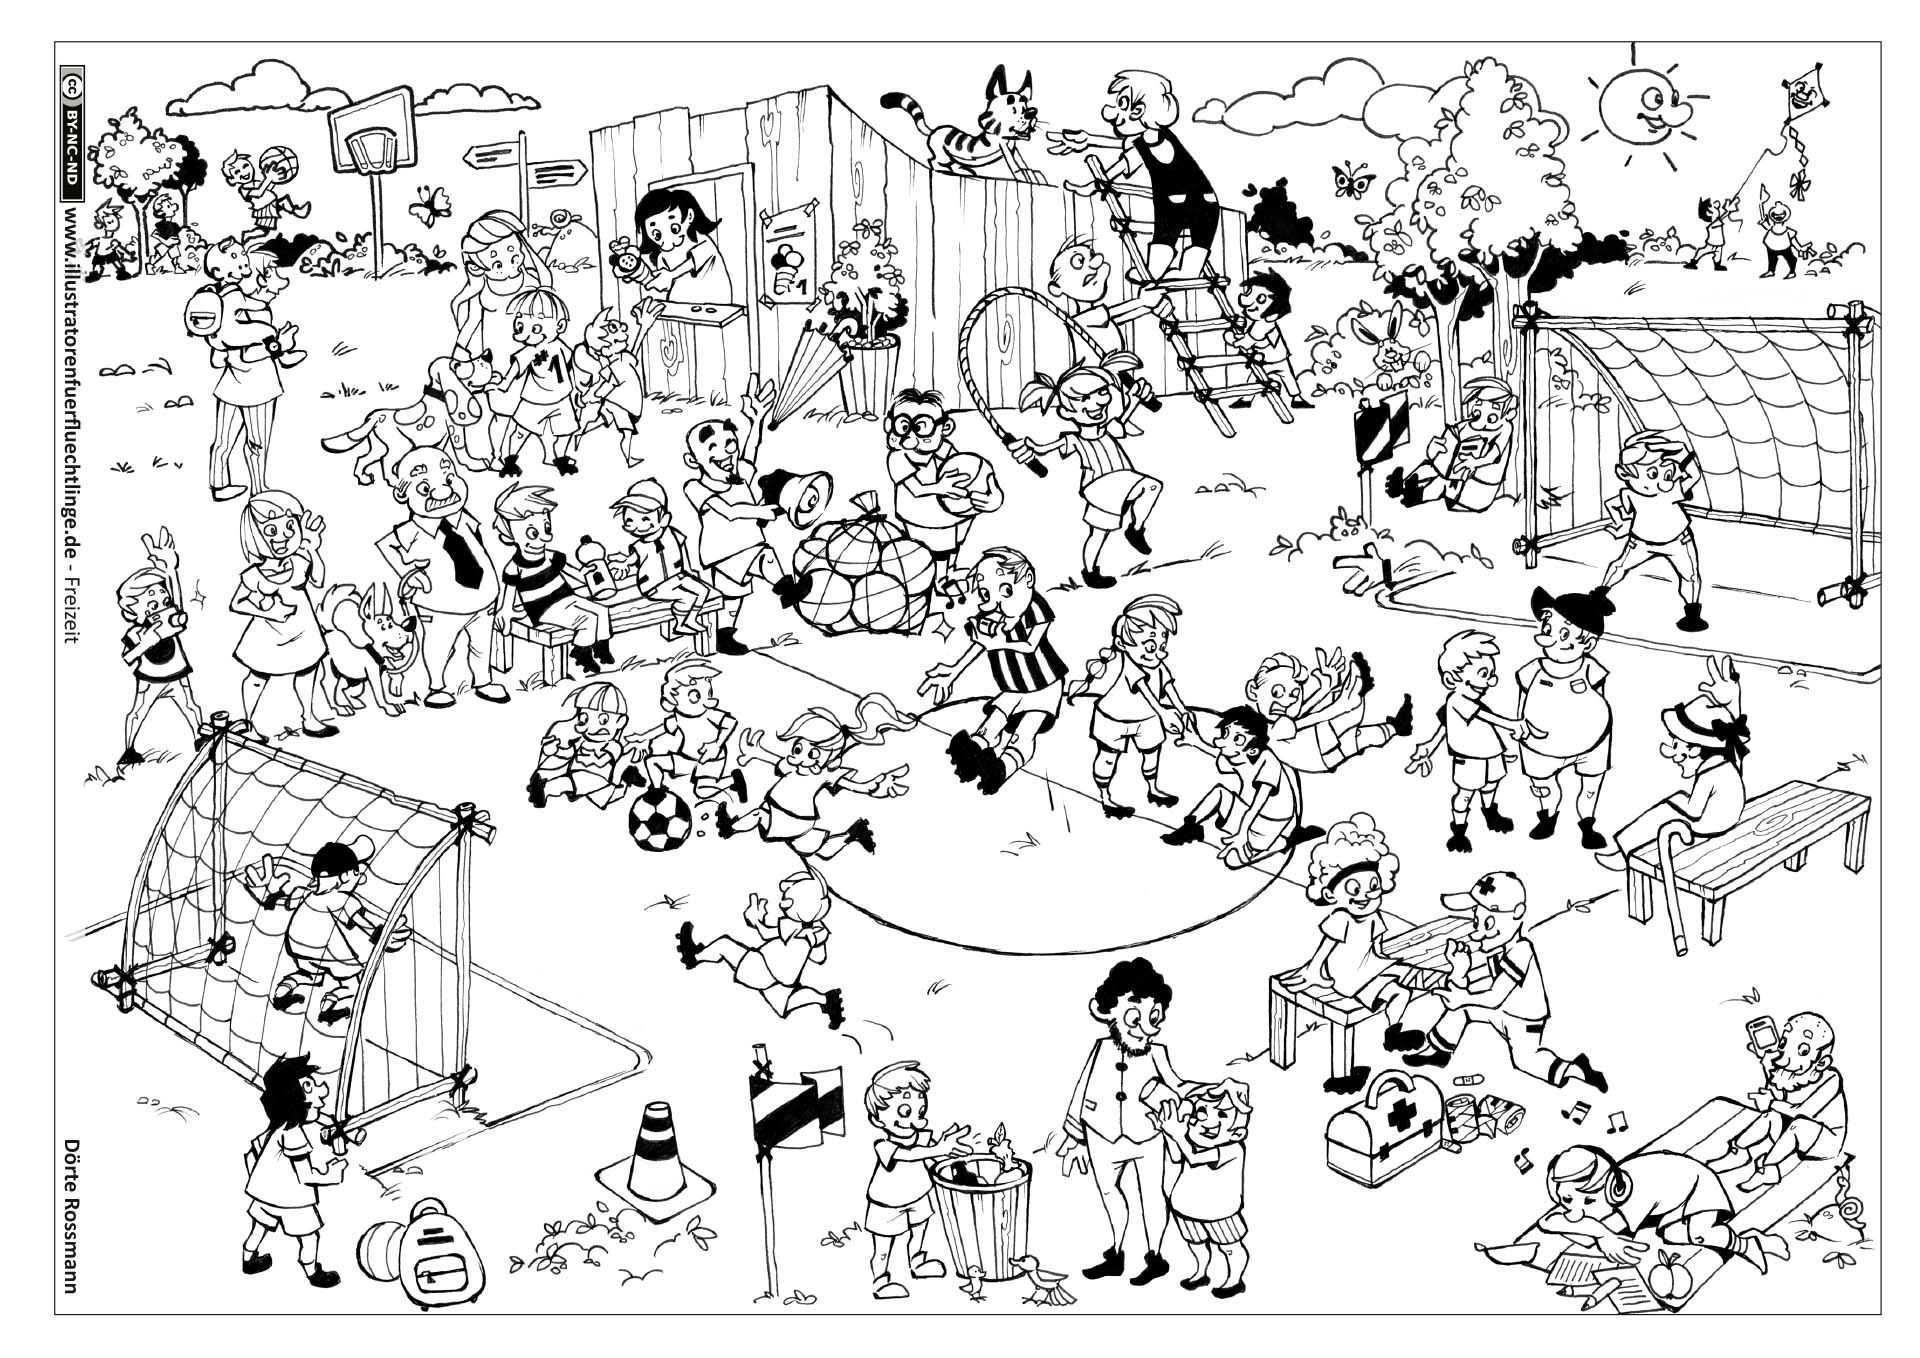 Download Als Pdf Freizeit Fussball Fussballspiel Rossmann Ausmalbilder Ausmalen Malvorlagen Tiere